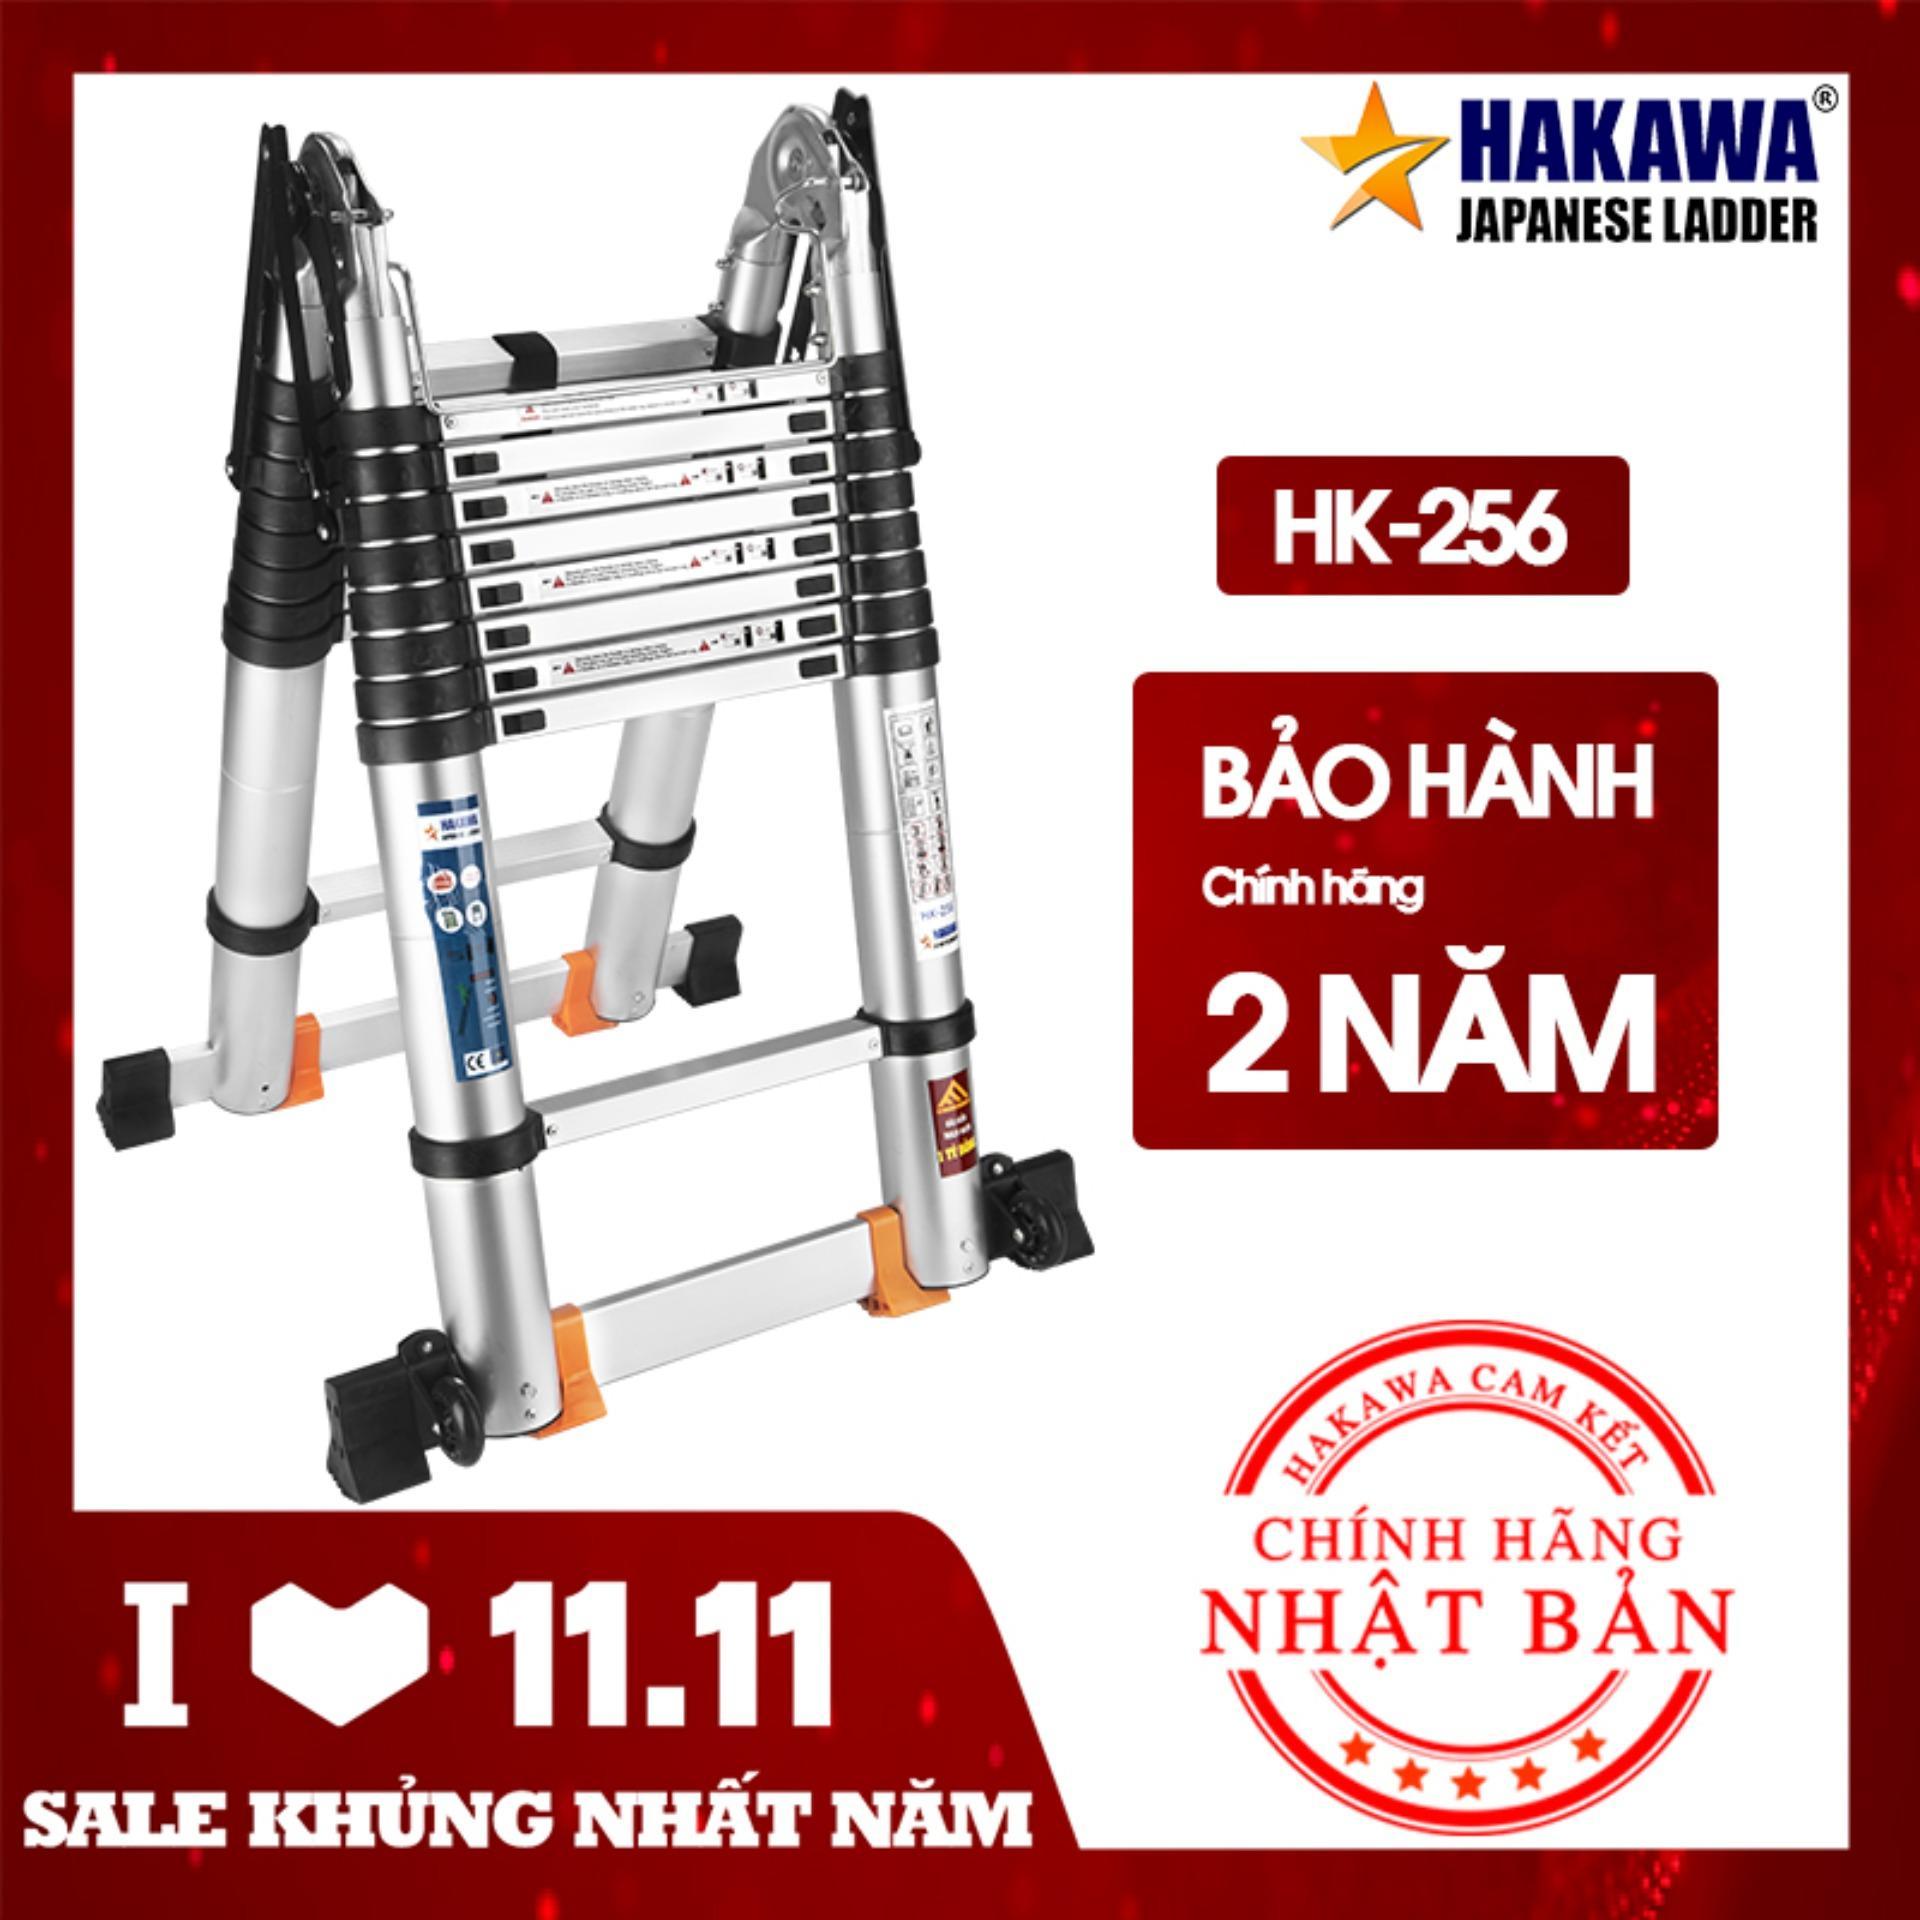 [THANG NHÔM NHẬT BẢN] Thang nhôm rút chữ A HAKAWA HK256 5m6 - Hàng Nhật Bản chất lượng cao , Bảo hành 2 năm